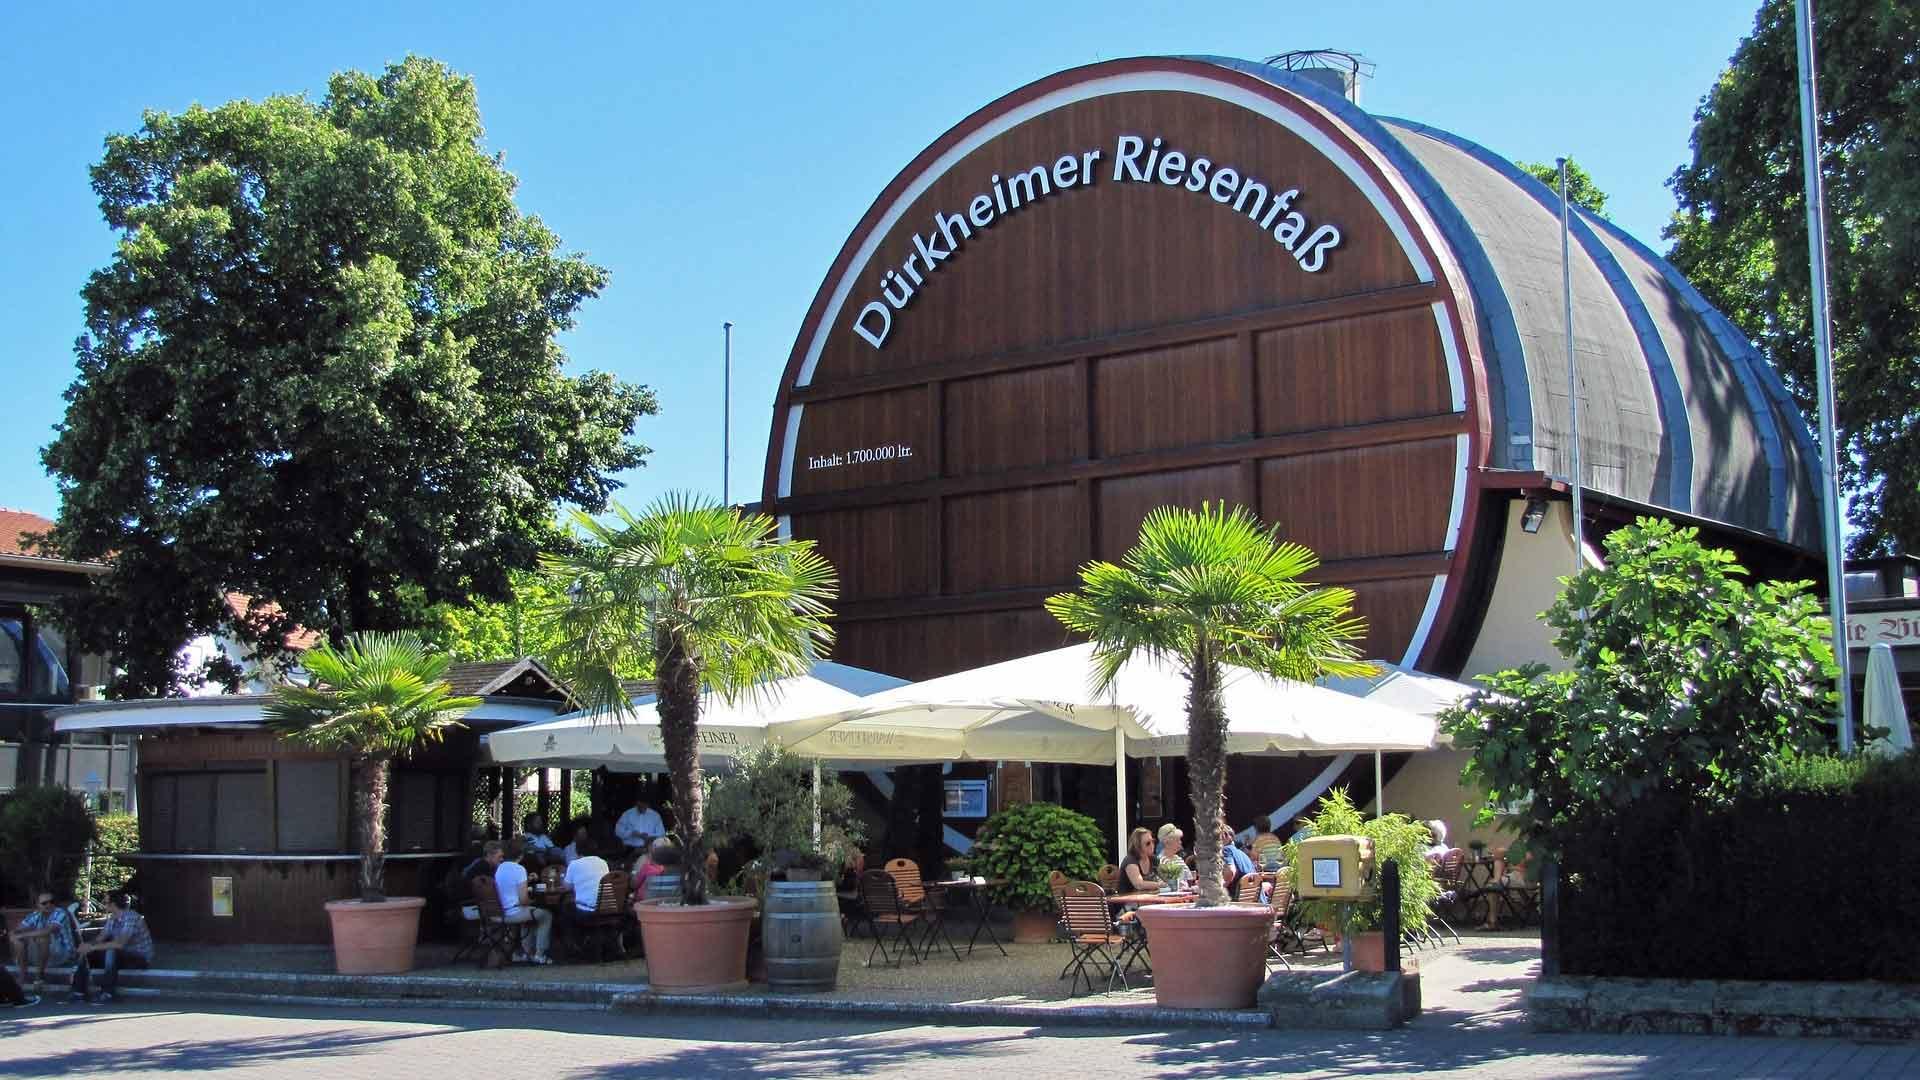 In het bekende reuzen wijnvat in Bad Durkheim is een restaurant gevestigd.